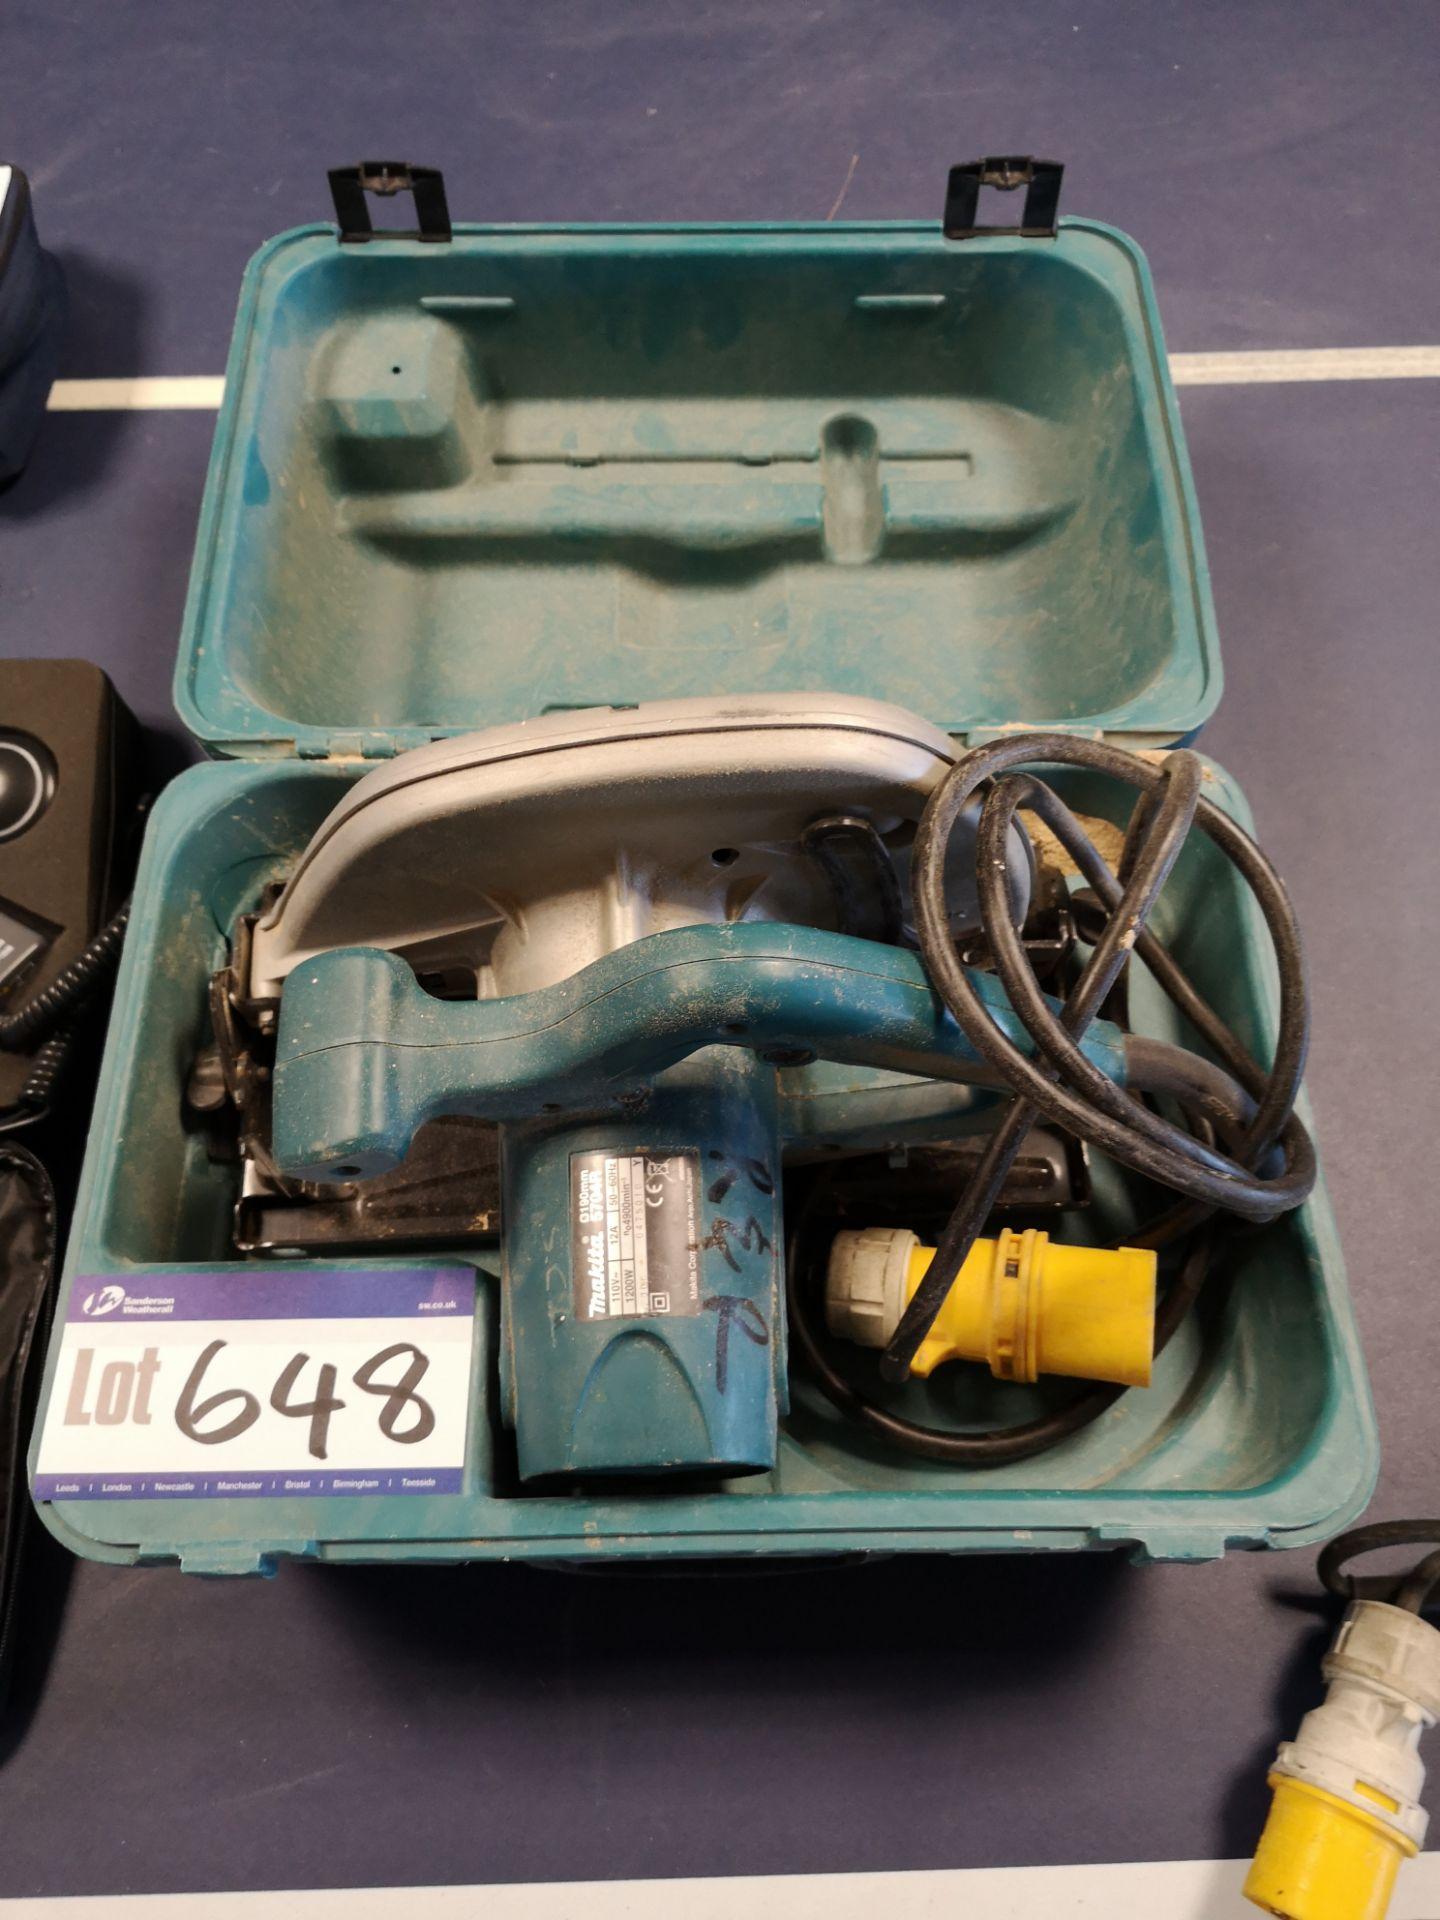 Lot 648 - Makita 5704R Circular Saw, 110V (LOT LOCATED AT 15